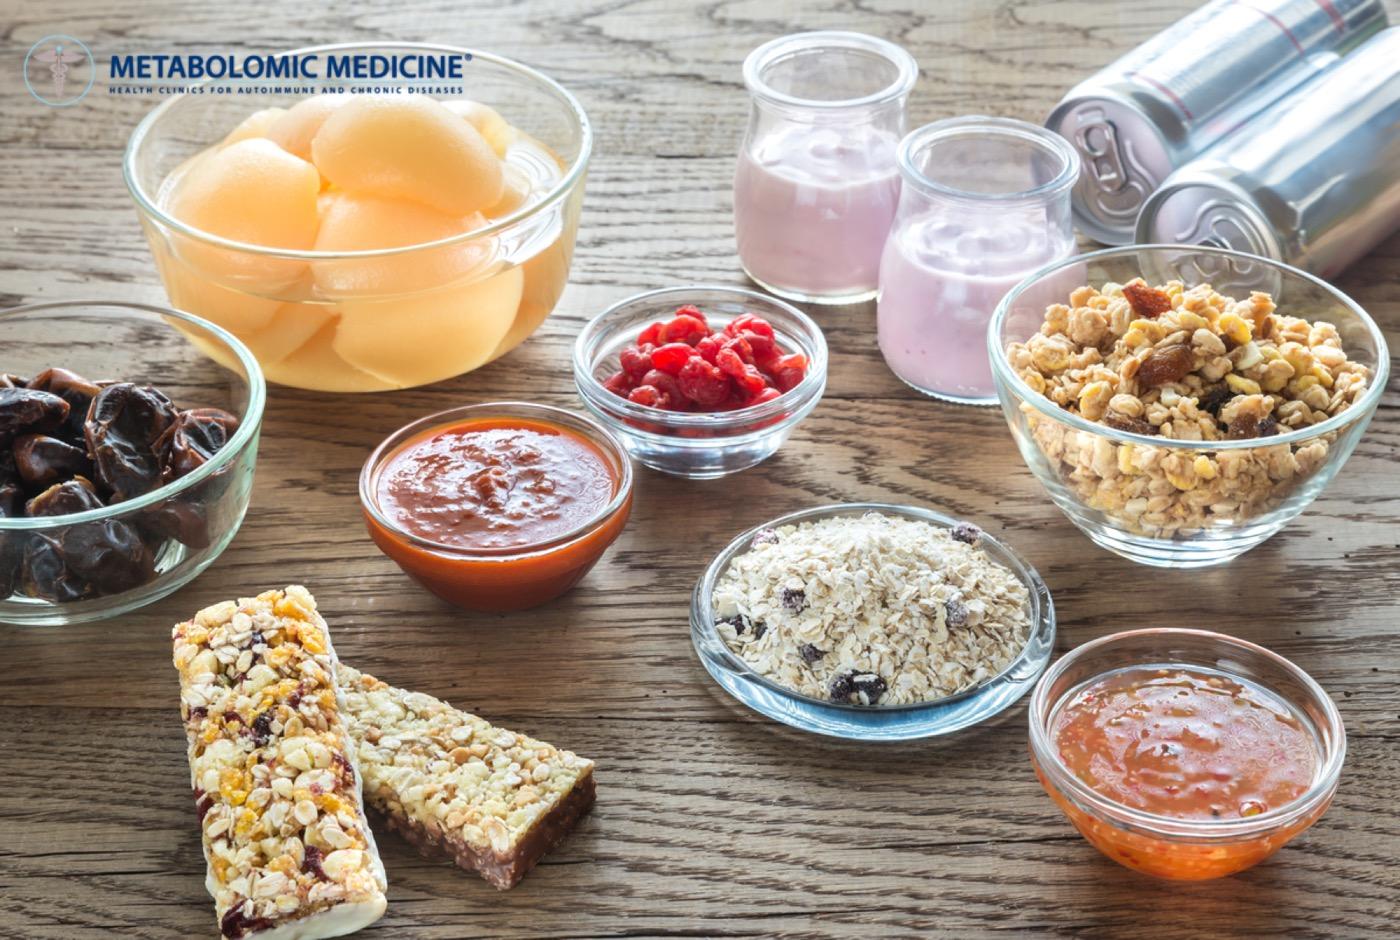 Μείωση της Kατανάλωσης Zάχαρης για τη Mείωση του Kινδύνου των Xρόνιων Νοσημάτων